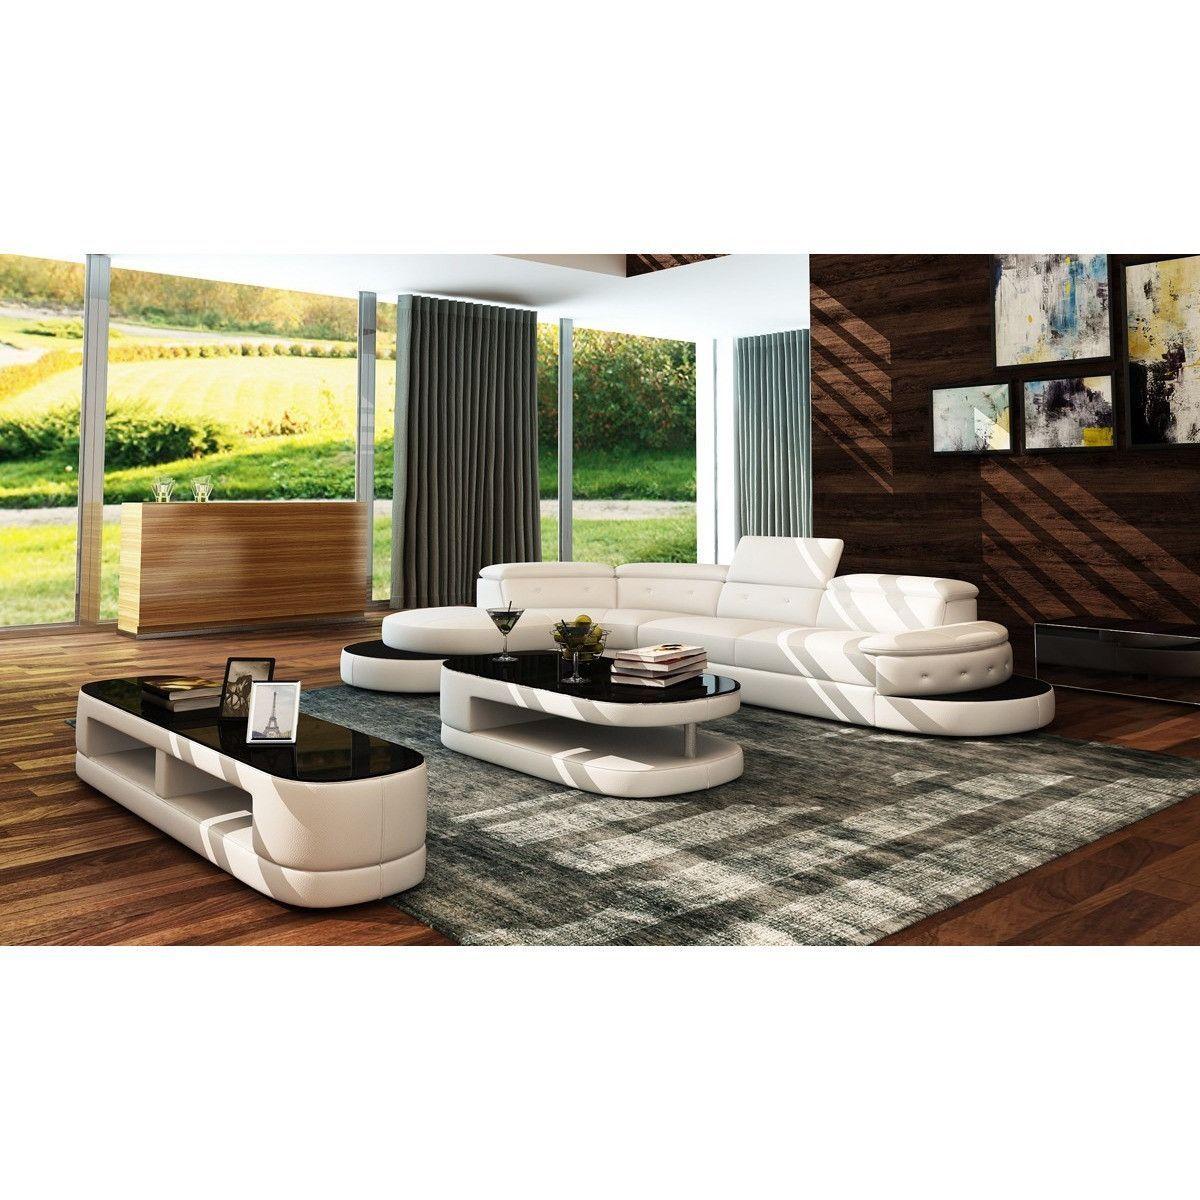 Divani Casa 5125 Modern White u0026 Black Bonded Leather Sectional Sofa  sc 1 st  Pinterest : modern bonded leather sectional sofa - Sectionals, Sofas & Couches